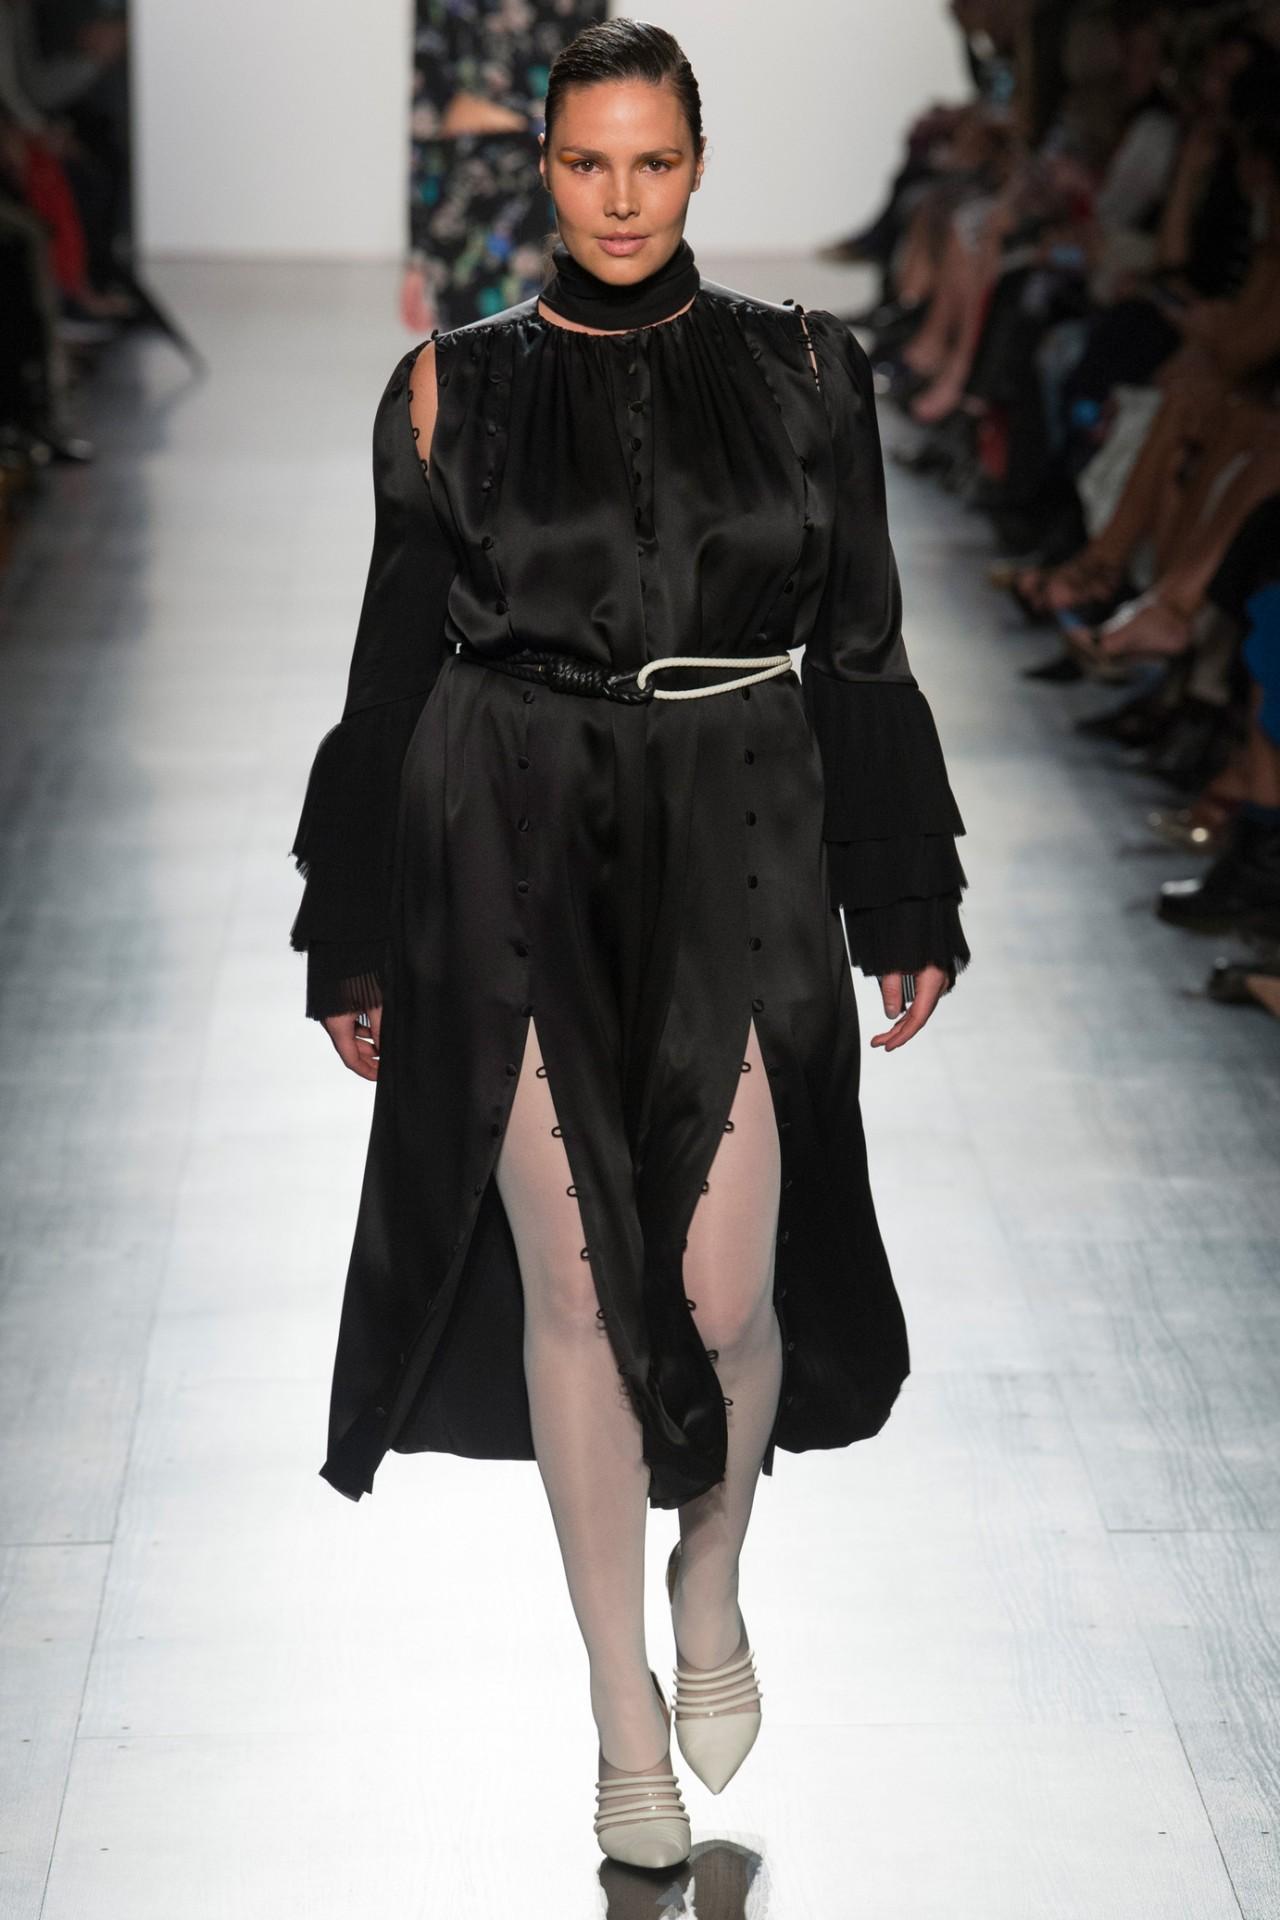 Percevalties Women's Fashion Week à mi-parcours c'est quoi les tendances ?